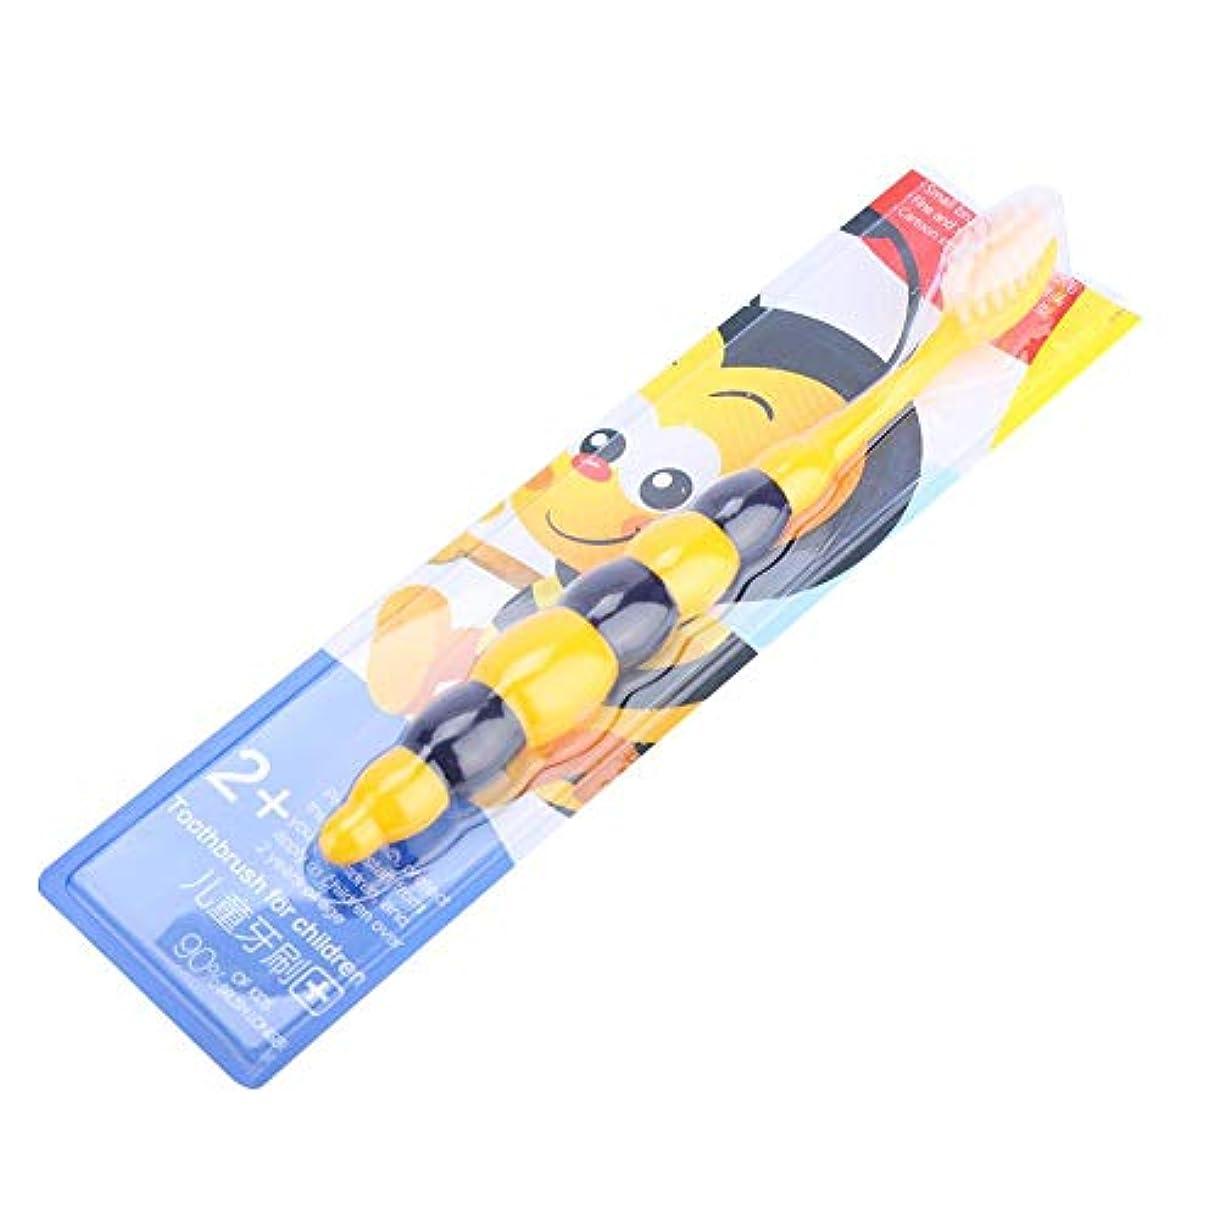 降臨エンティティ四分円子供の柔らかい髪の歯ブラシの子供かわいいクリーニングの歯ブラシオーラルケアツール(黄色い蜂)